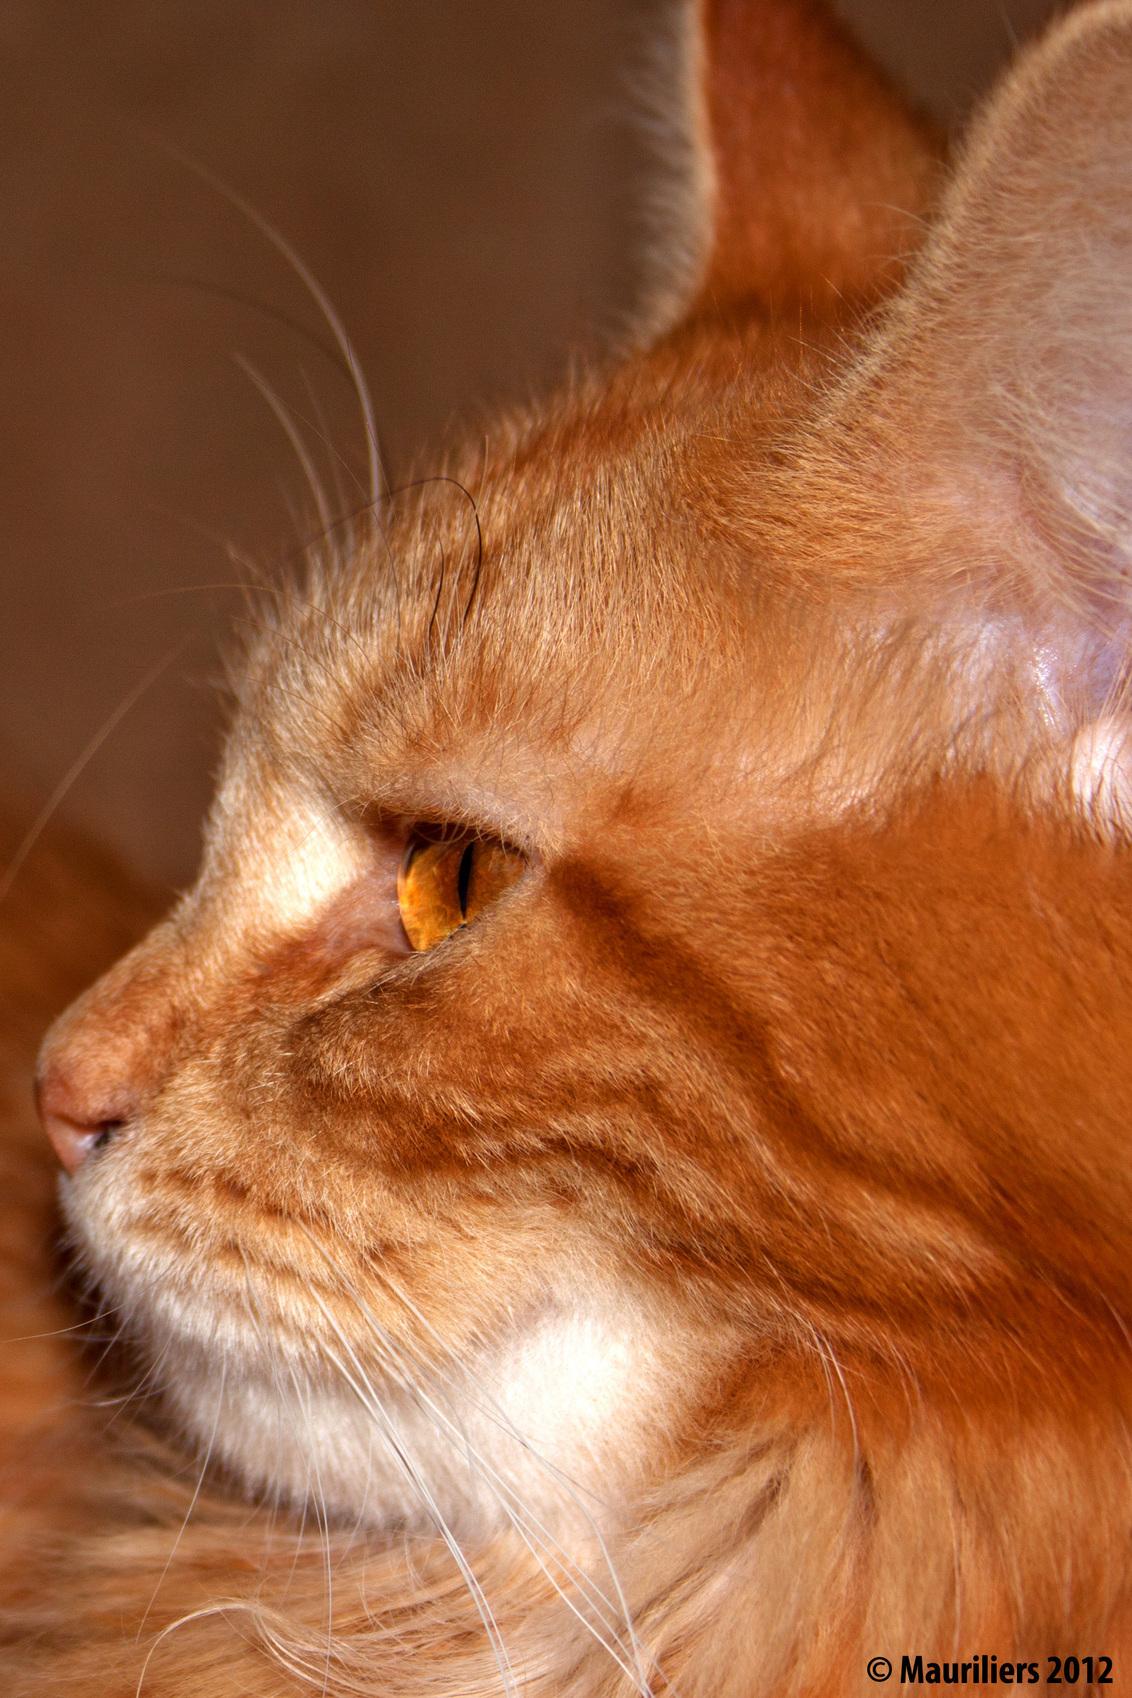 My brown eyed girl - Ginny ..... - foto door Mauriliers op 01-01-2013 - deze foto bevat: dieren, katten, maine coon